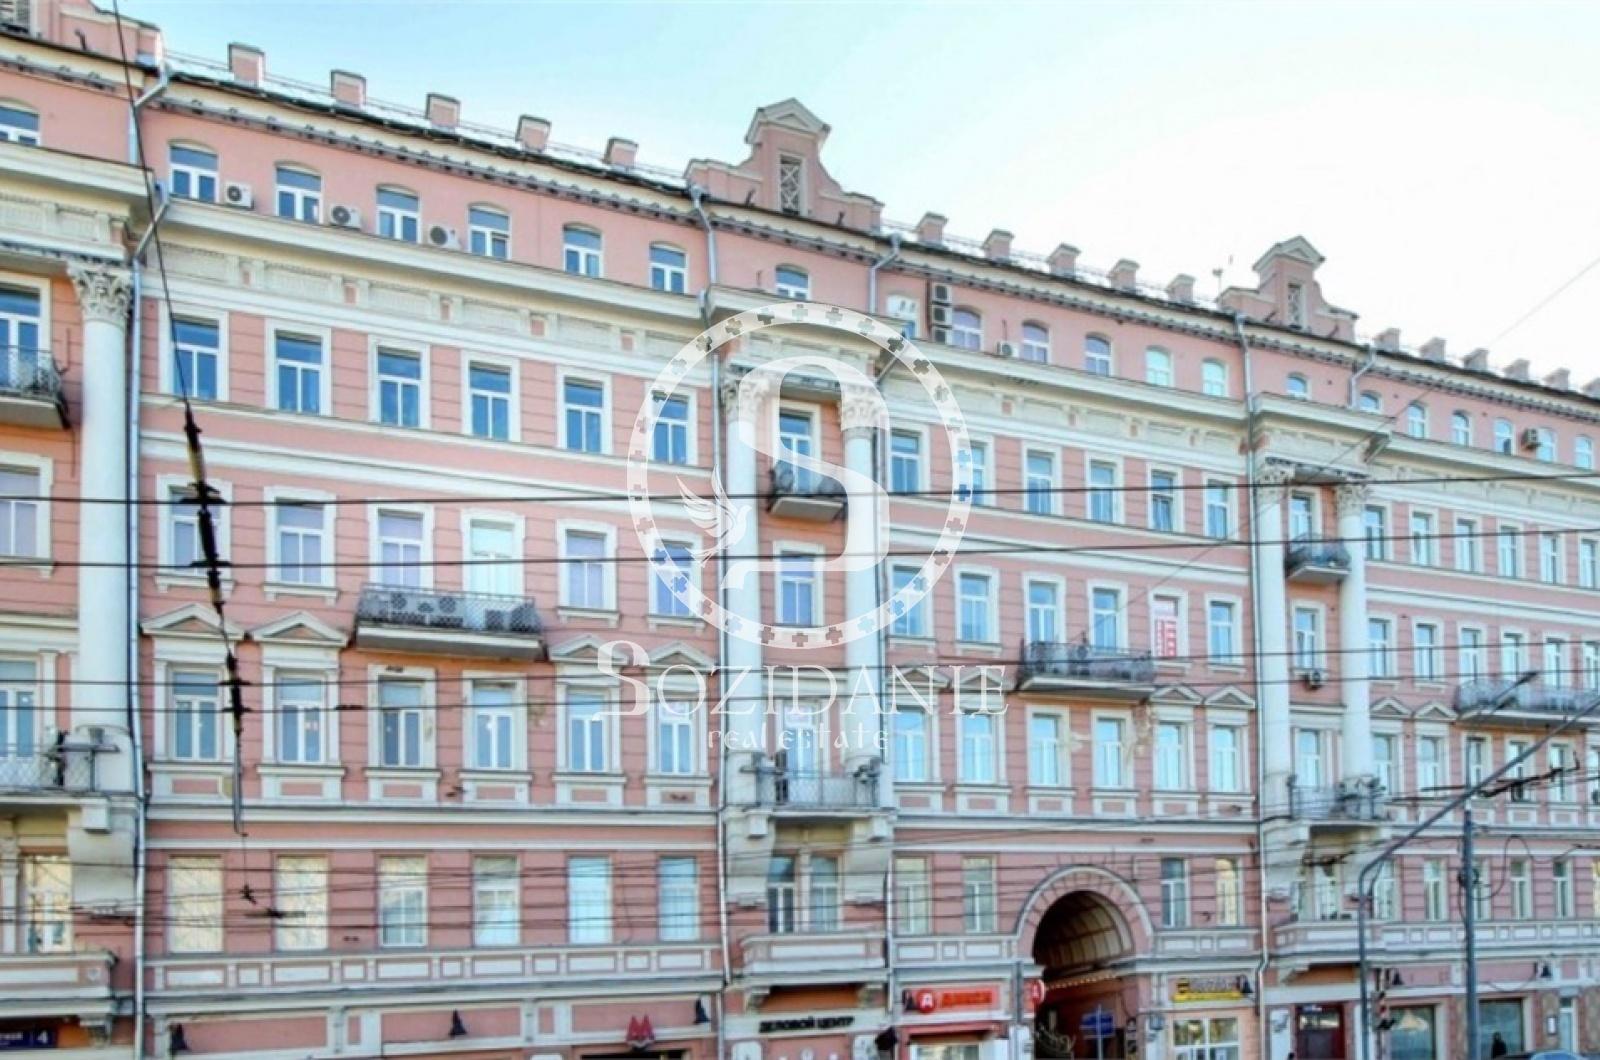 3 Комнаты, Городская, Продажа, Страстной бульвар, Listing ID 3588, Москва, Россия,